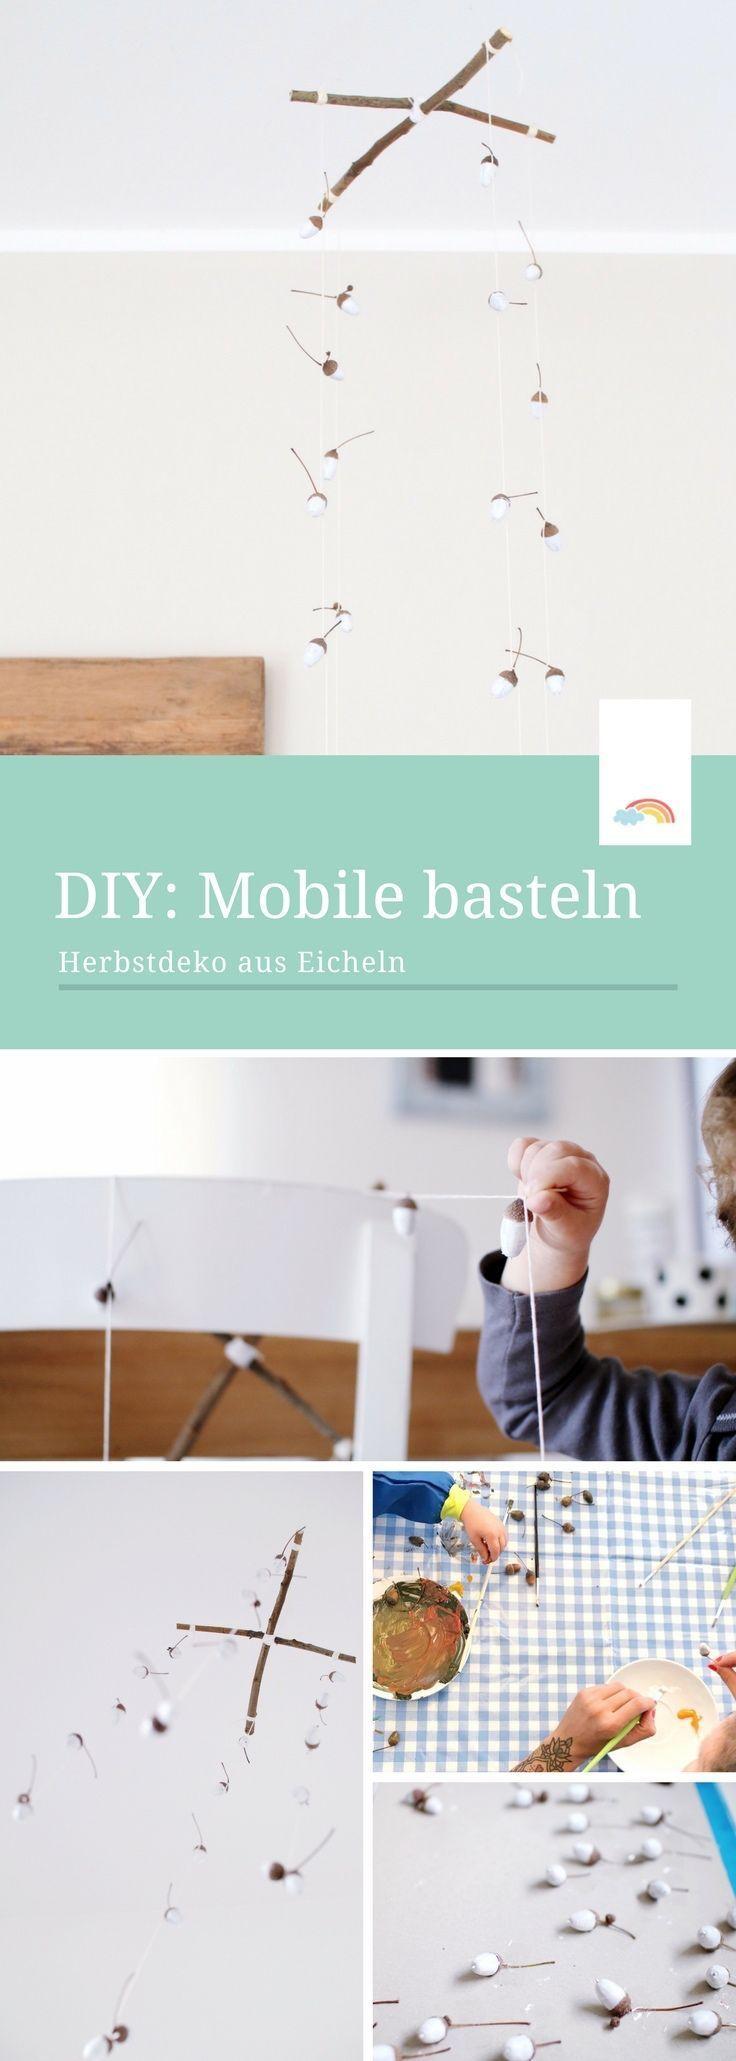 Mobile Basteln Mit Eicheln   Herbstdeko Aus Naturmaterialien